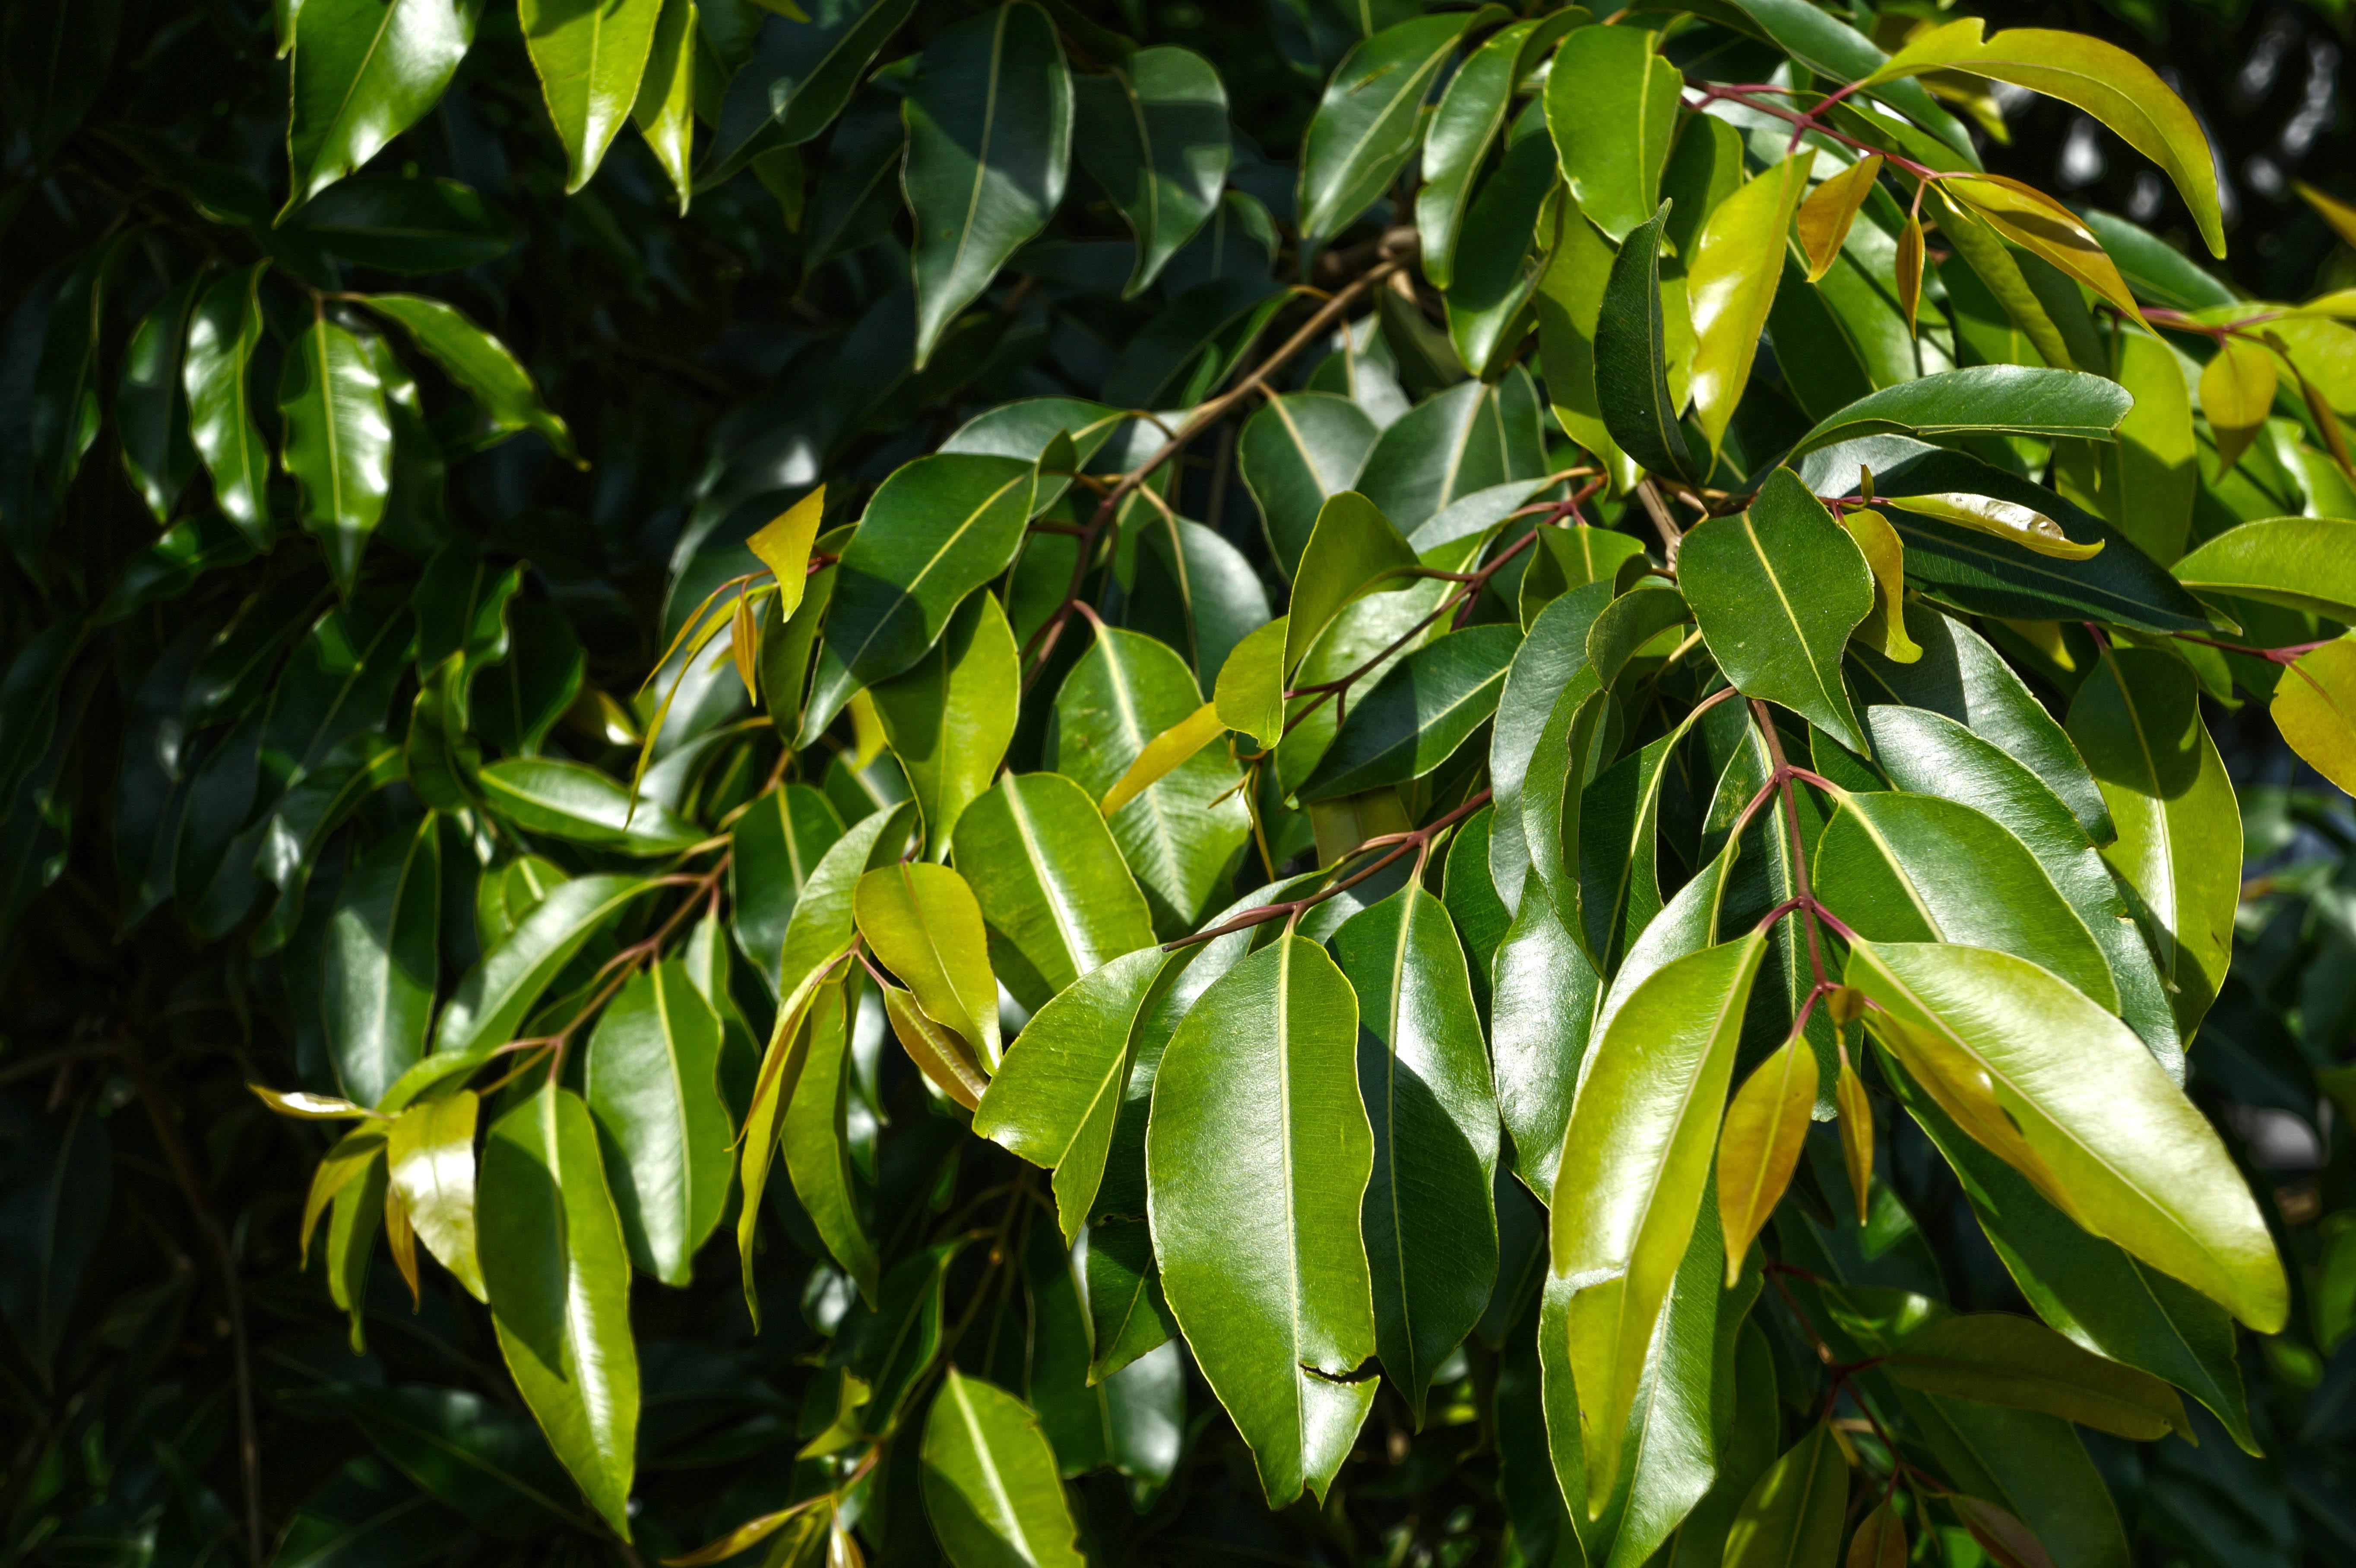 Fotos Gratis : árbol, Naturaleza, Rama, Fruta, Hoja, Flor